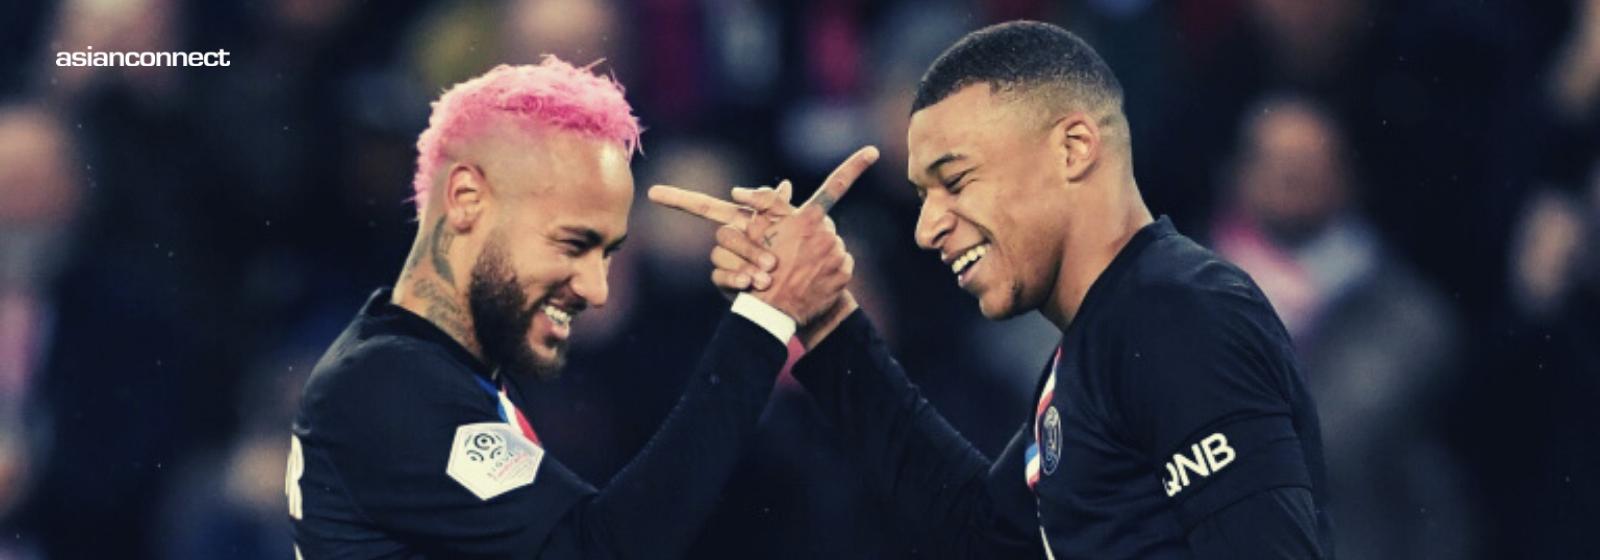 Neymar & Mbappe Will Never Leave